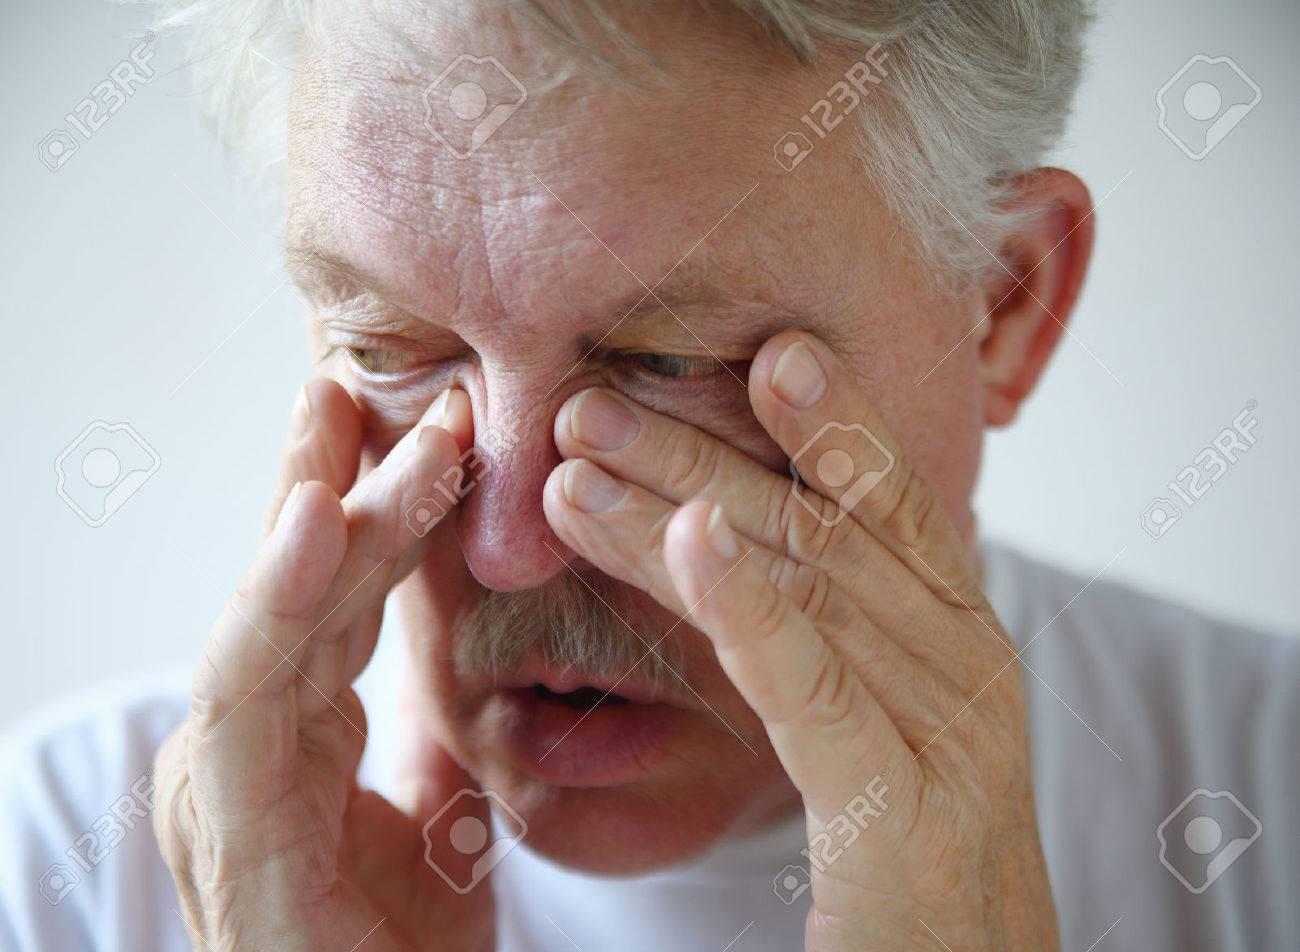 Nariz tapada y dolor de mandíbula